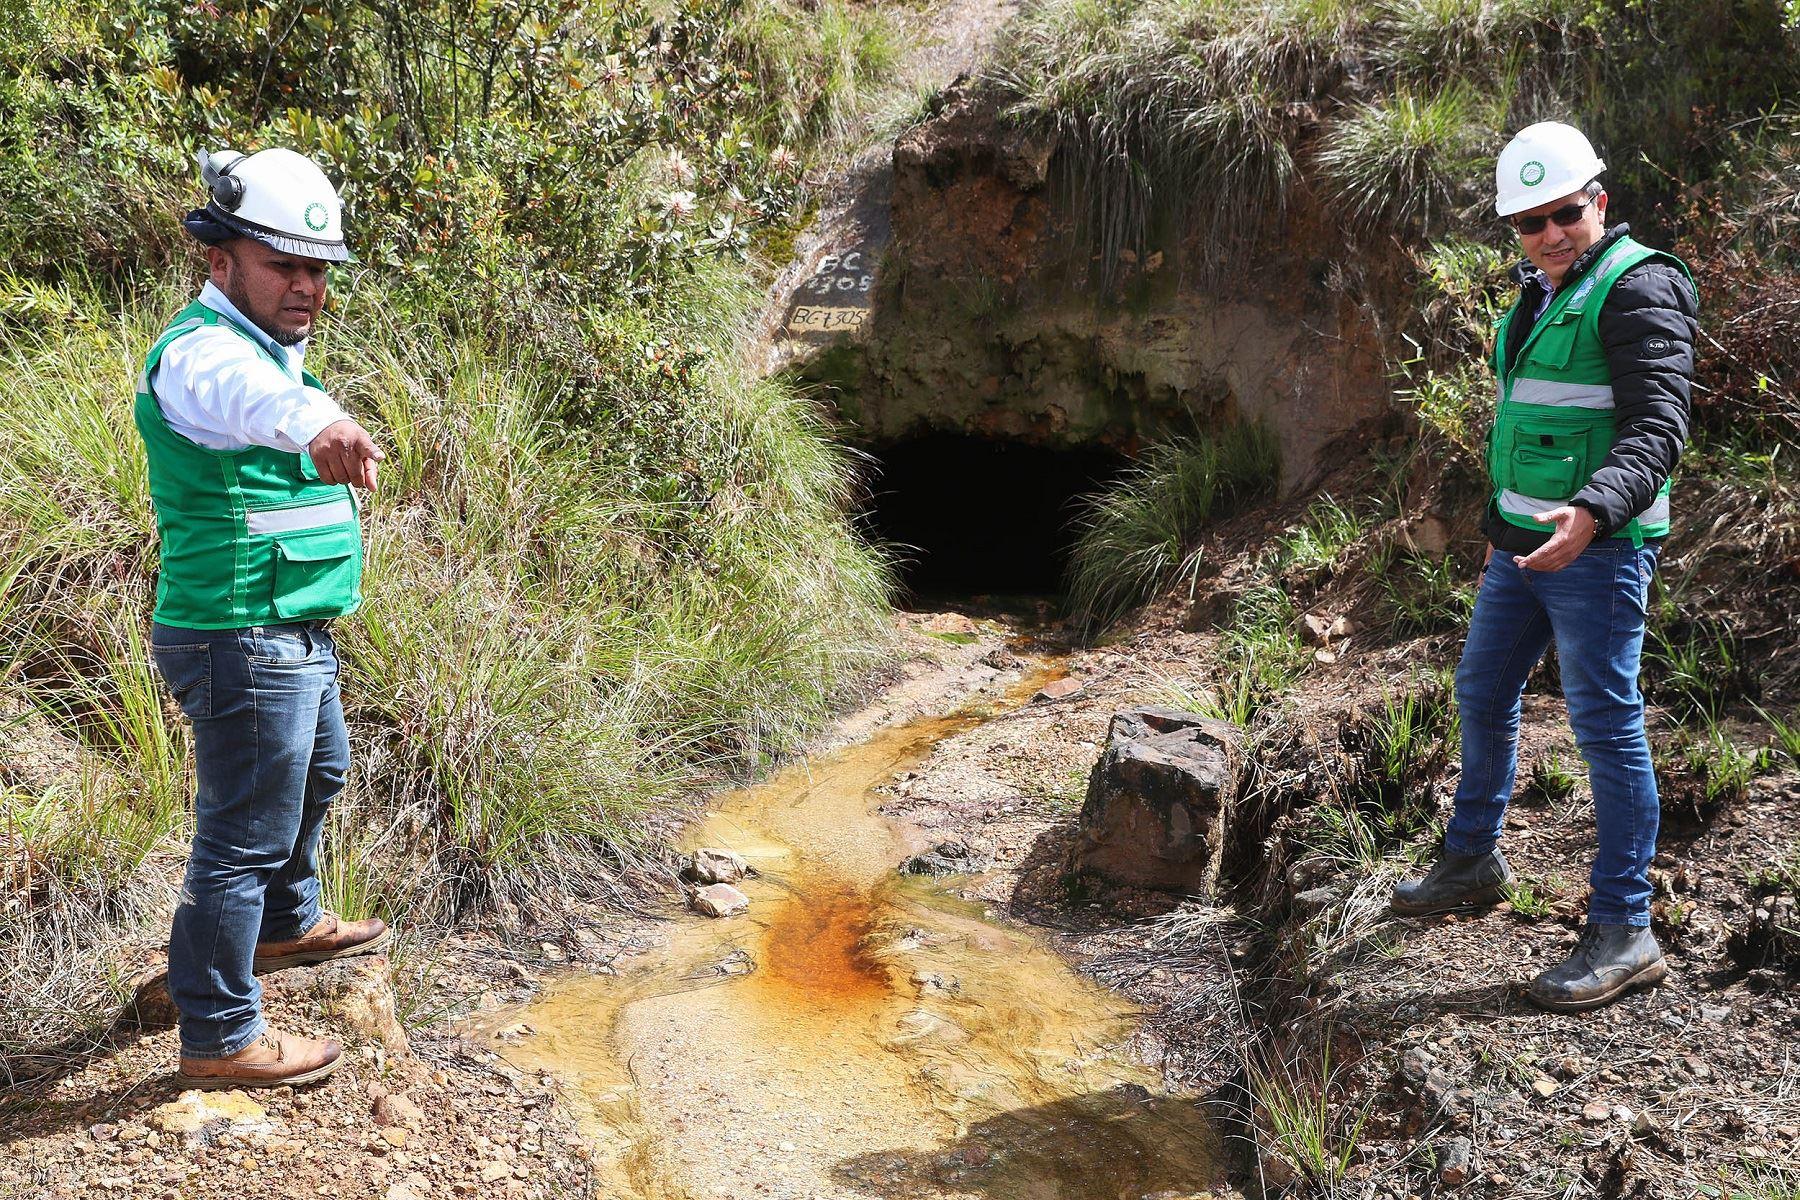 El Ministerio de Energía y Minass ratificó su compromiso de remediar los pasivos ambientales mineros en siete regiones del país. ANDINA/Difusión